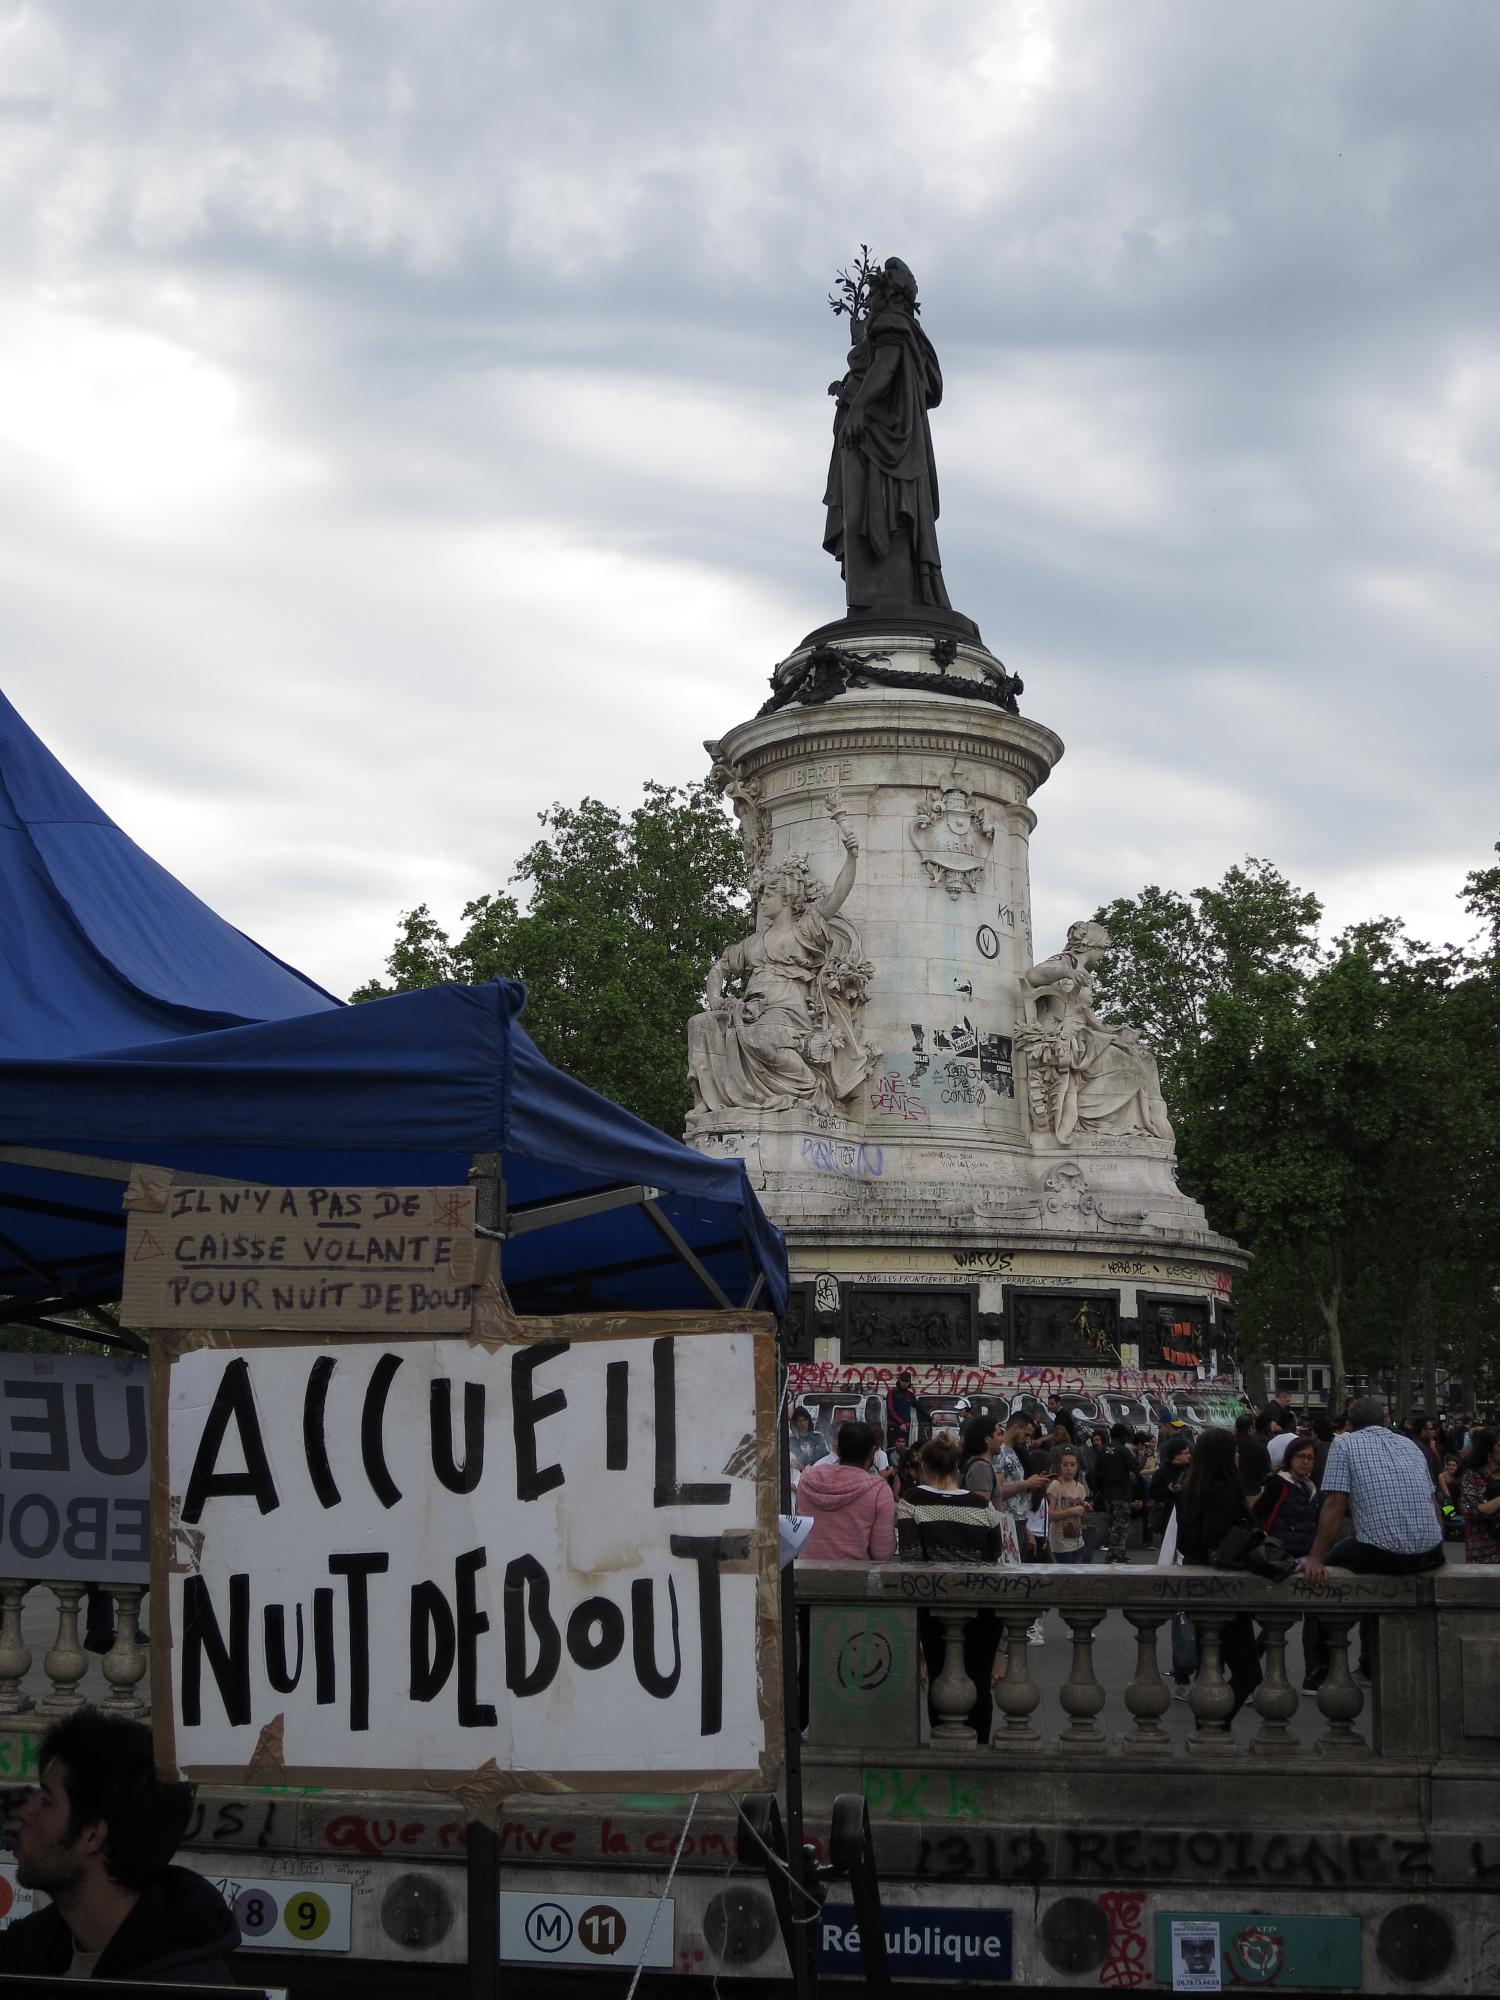 Nuit Debout protests at Place de la République